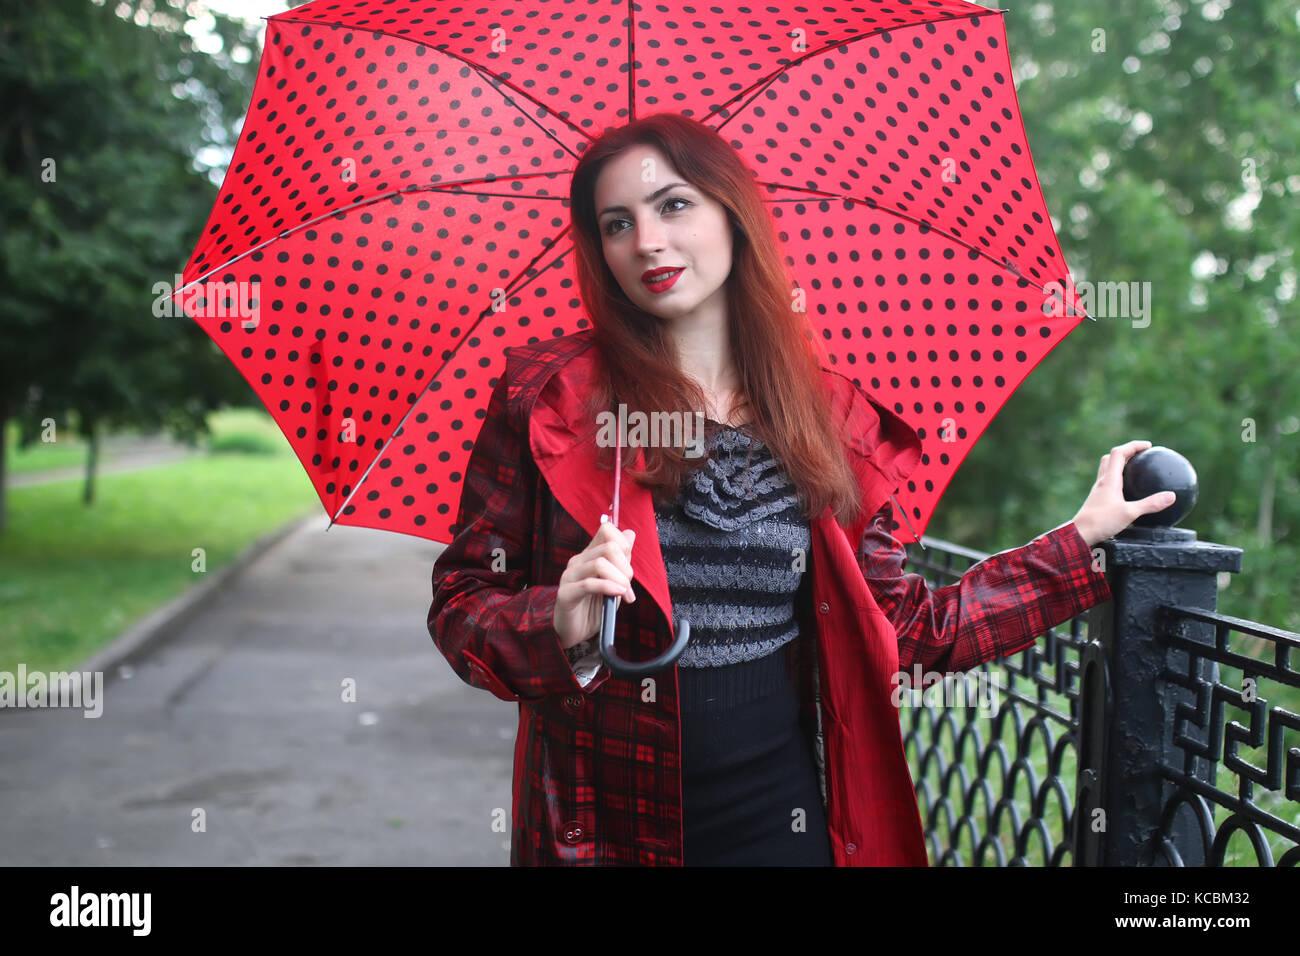 Frau in eine Regenjacke und einen Regenschirm Stockbild